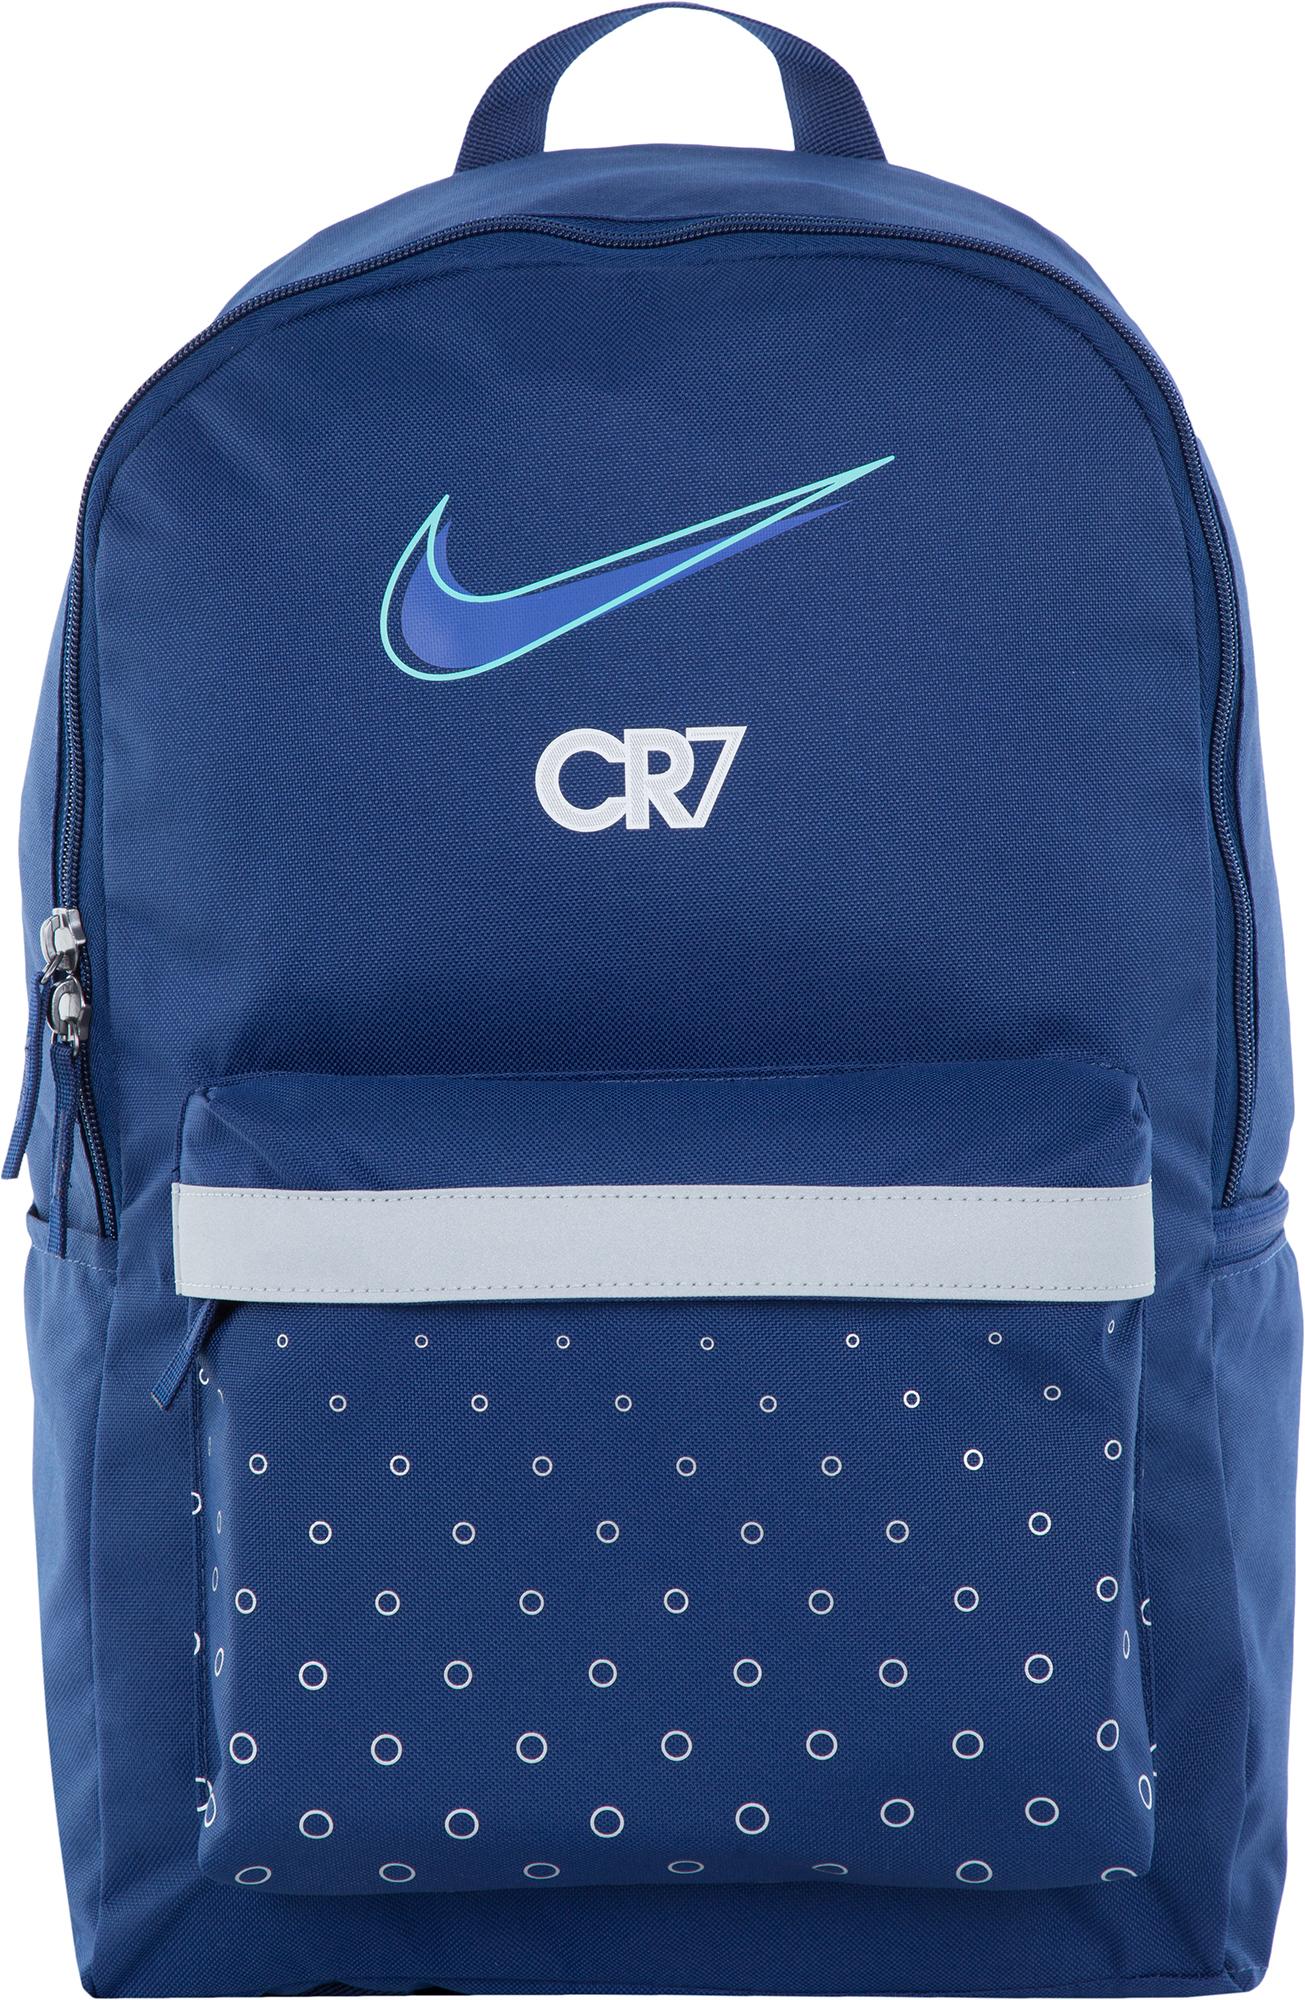 цена на Nike Рюкзак мужской Nike CR7